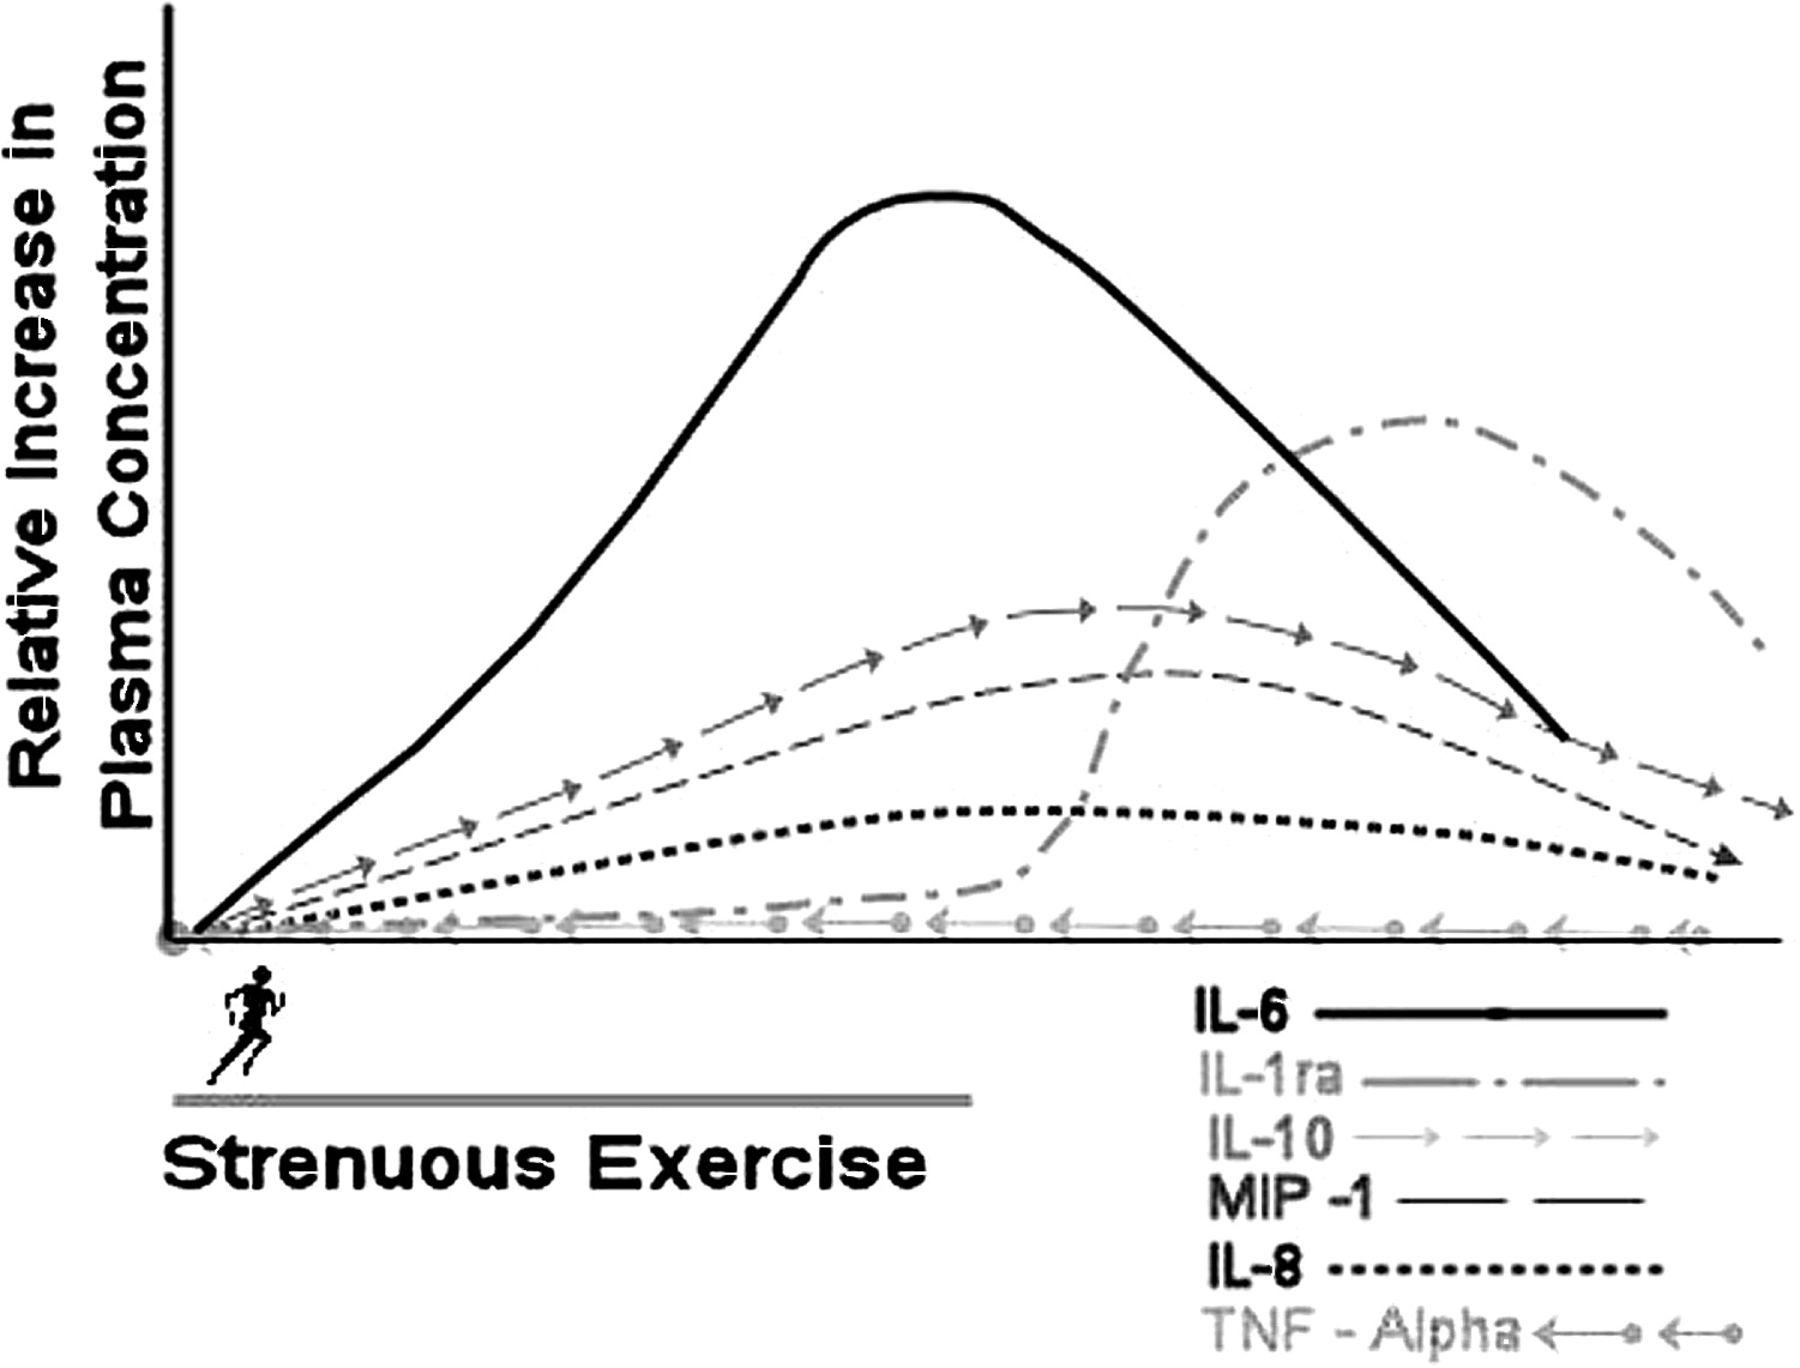 Влияние интенсивной физической нагрузки на выработку и уровень различных цитокинов